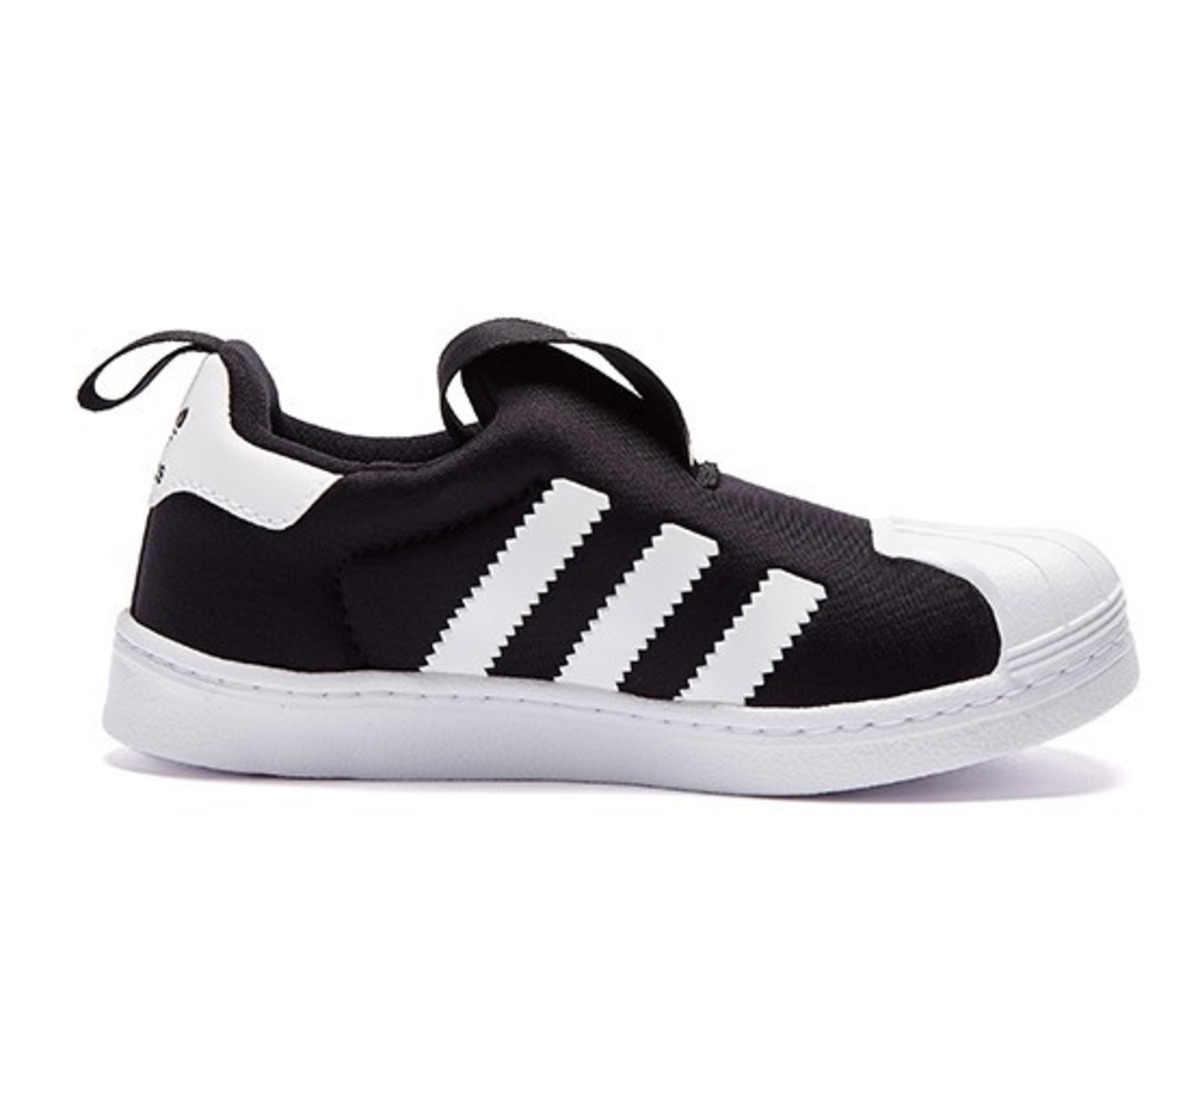 אדידס סופרסטאר מקורי ילדים לנשימה ריצה נעלי ילדי אור נוח ספורט סניקרס # S32130